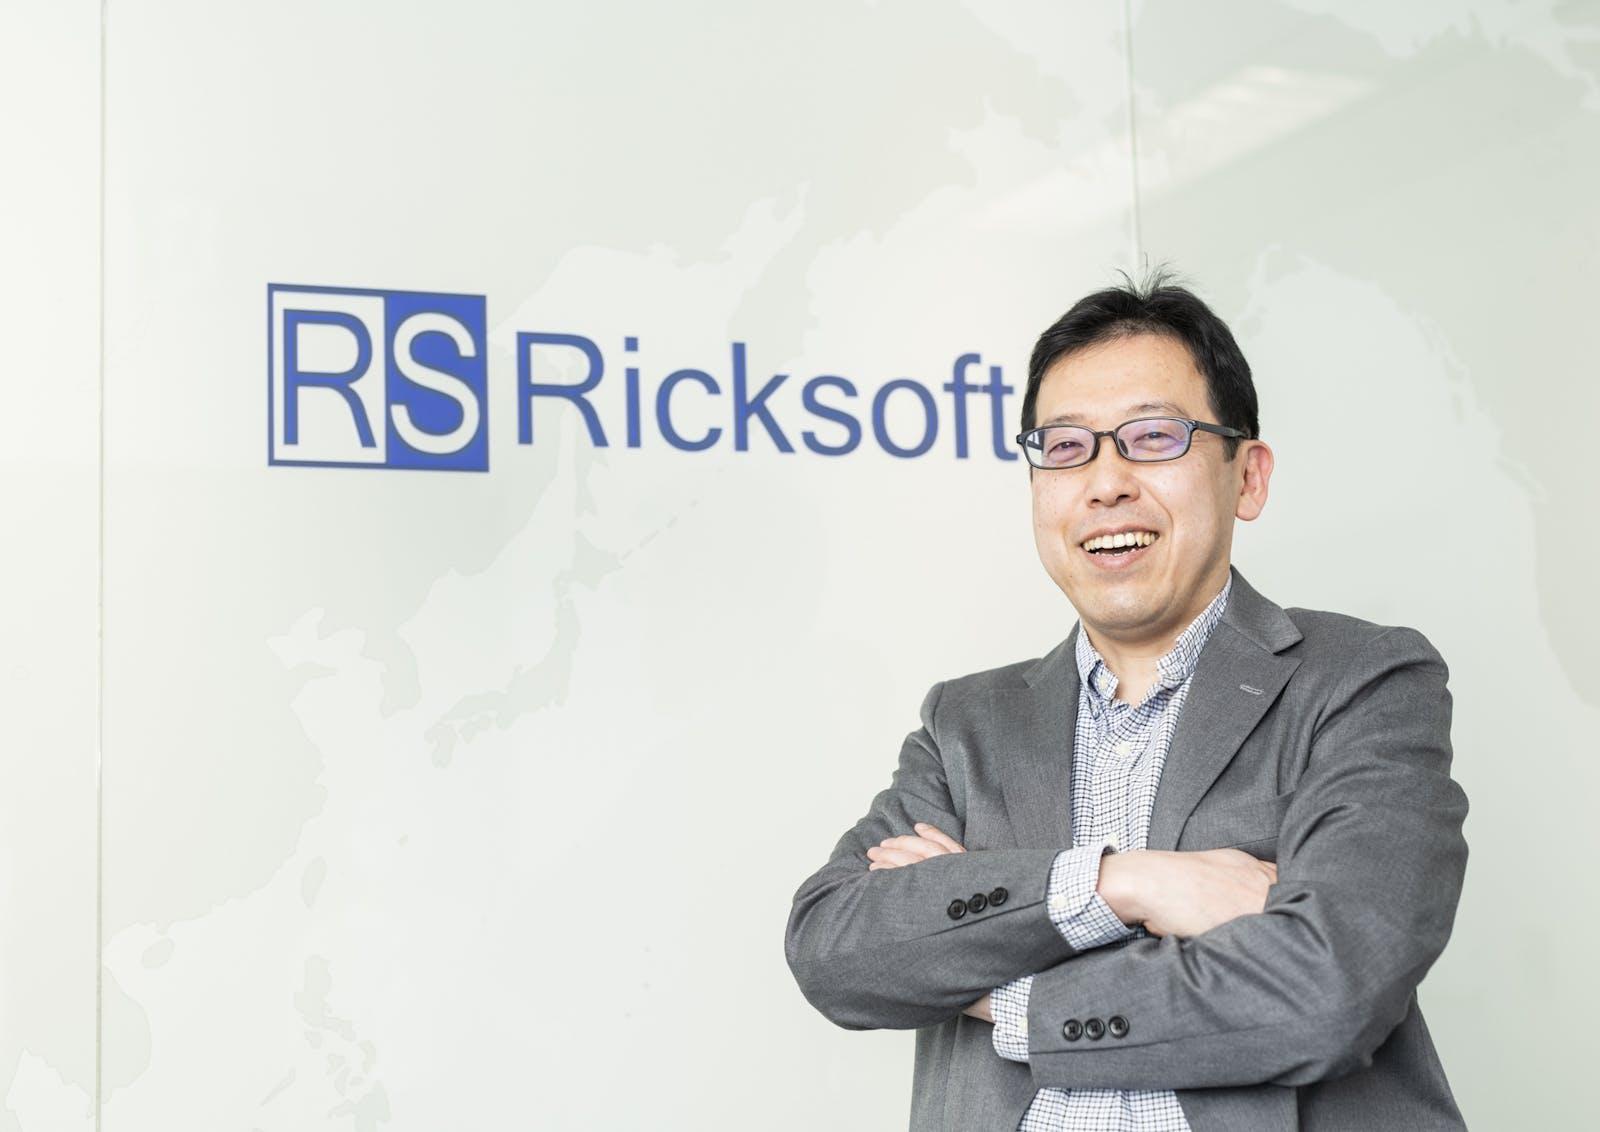 リックソフト株式会社のアイキャッチ画像